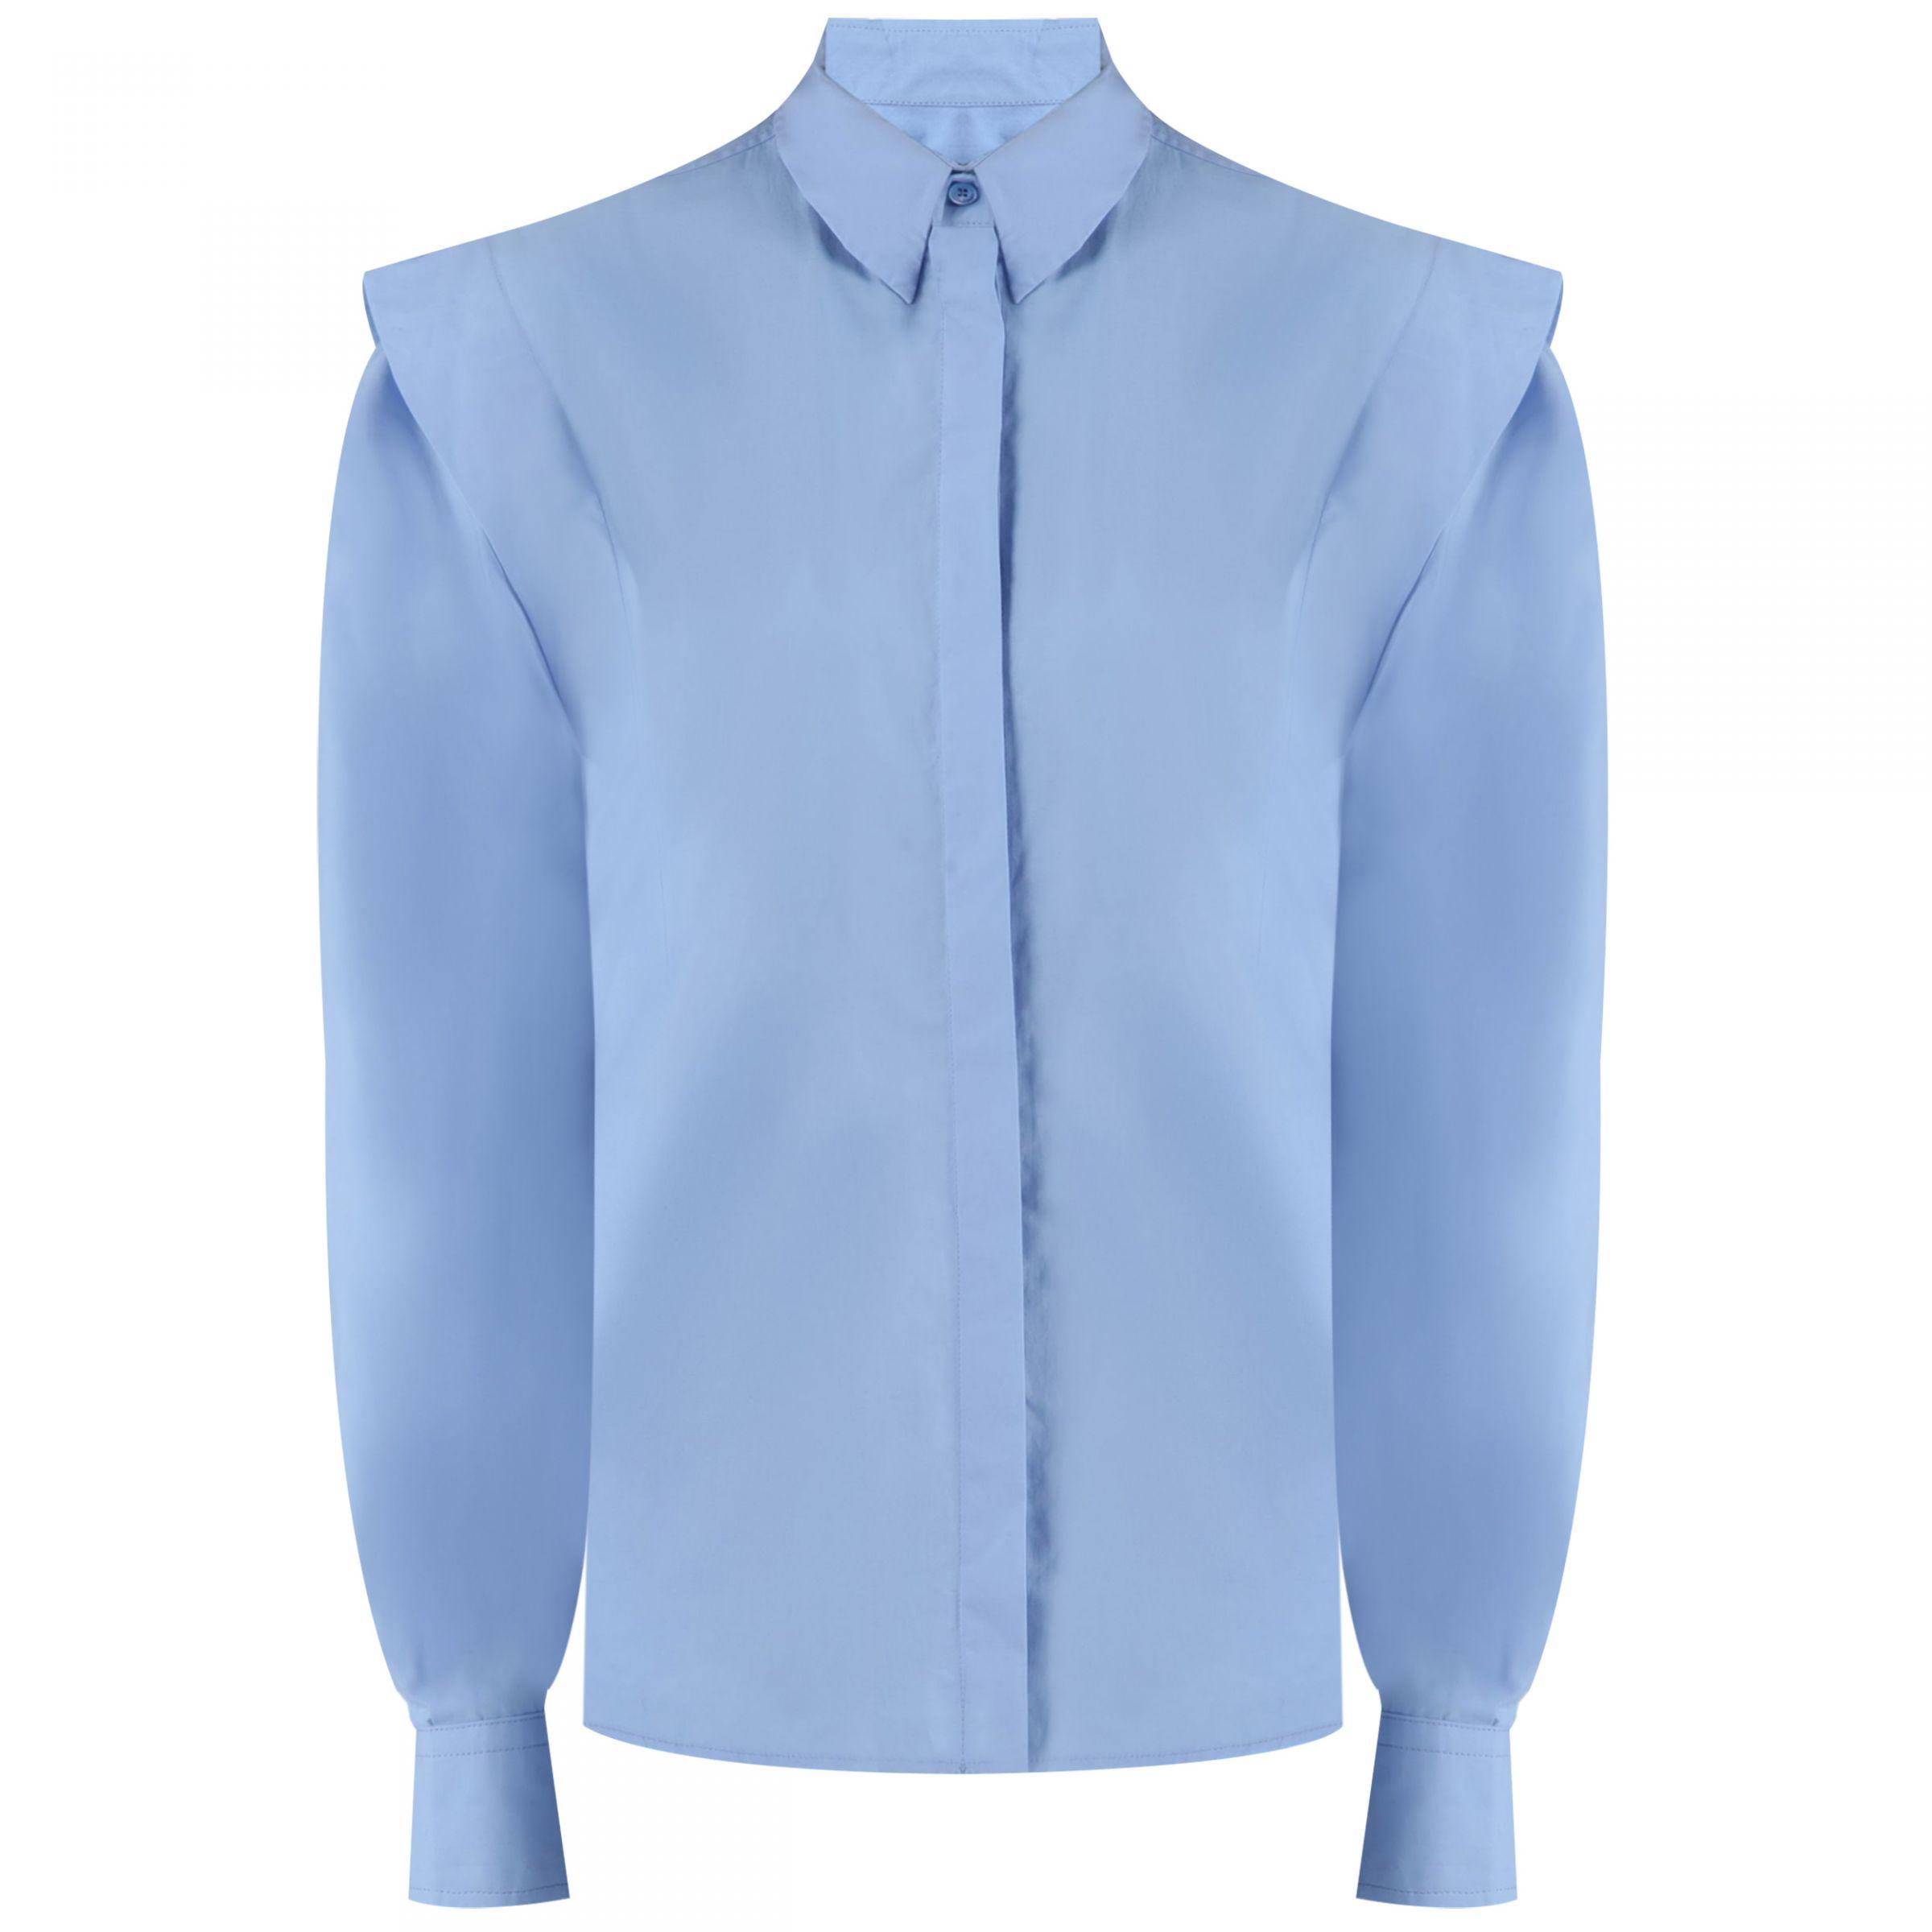 Рубашка с длинными рукавами Isabel Marant голубая